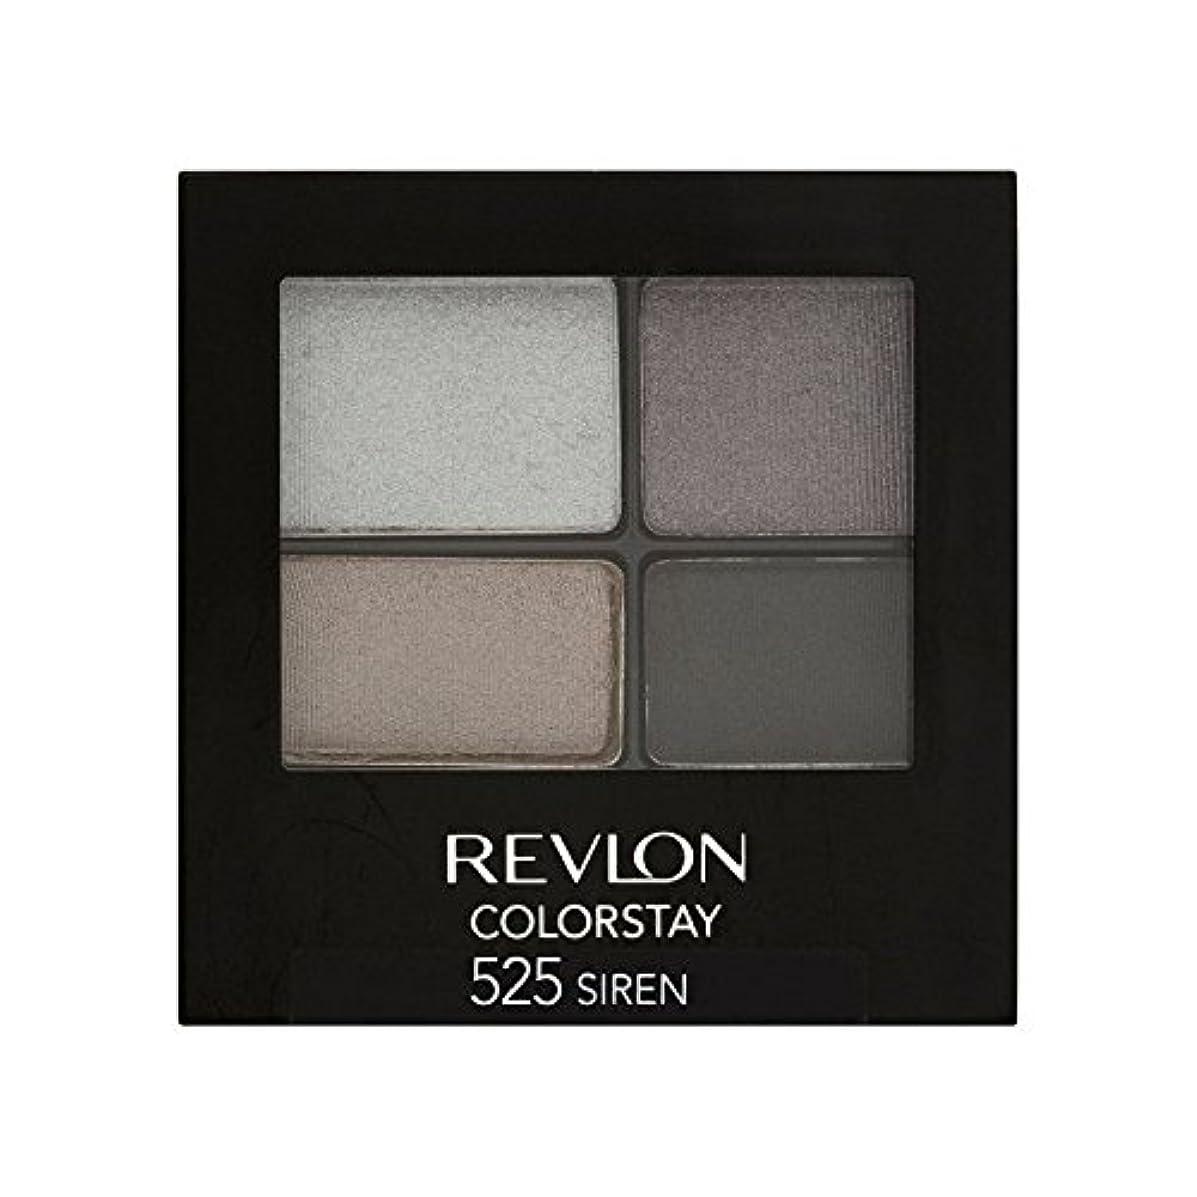 開拓者その他成長Revlon Colorstay 16 Hour Eye Shadow Siren 525 - レブロンの 16時間アイシャドウサイレン525 [並行輸入品]